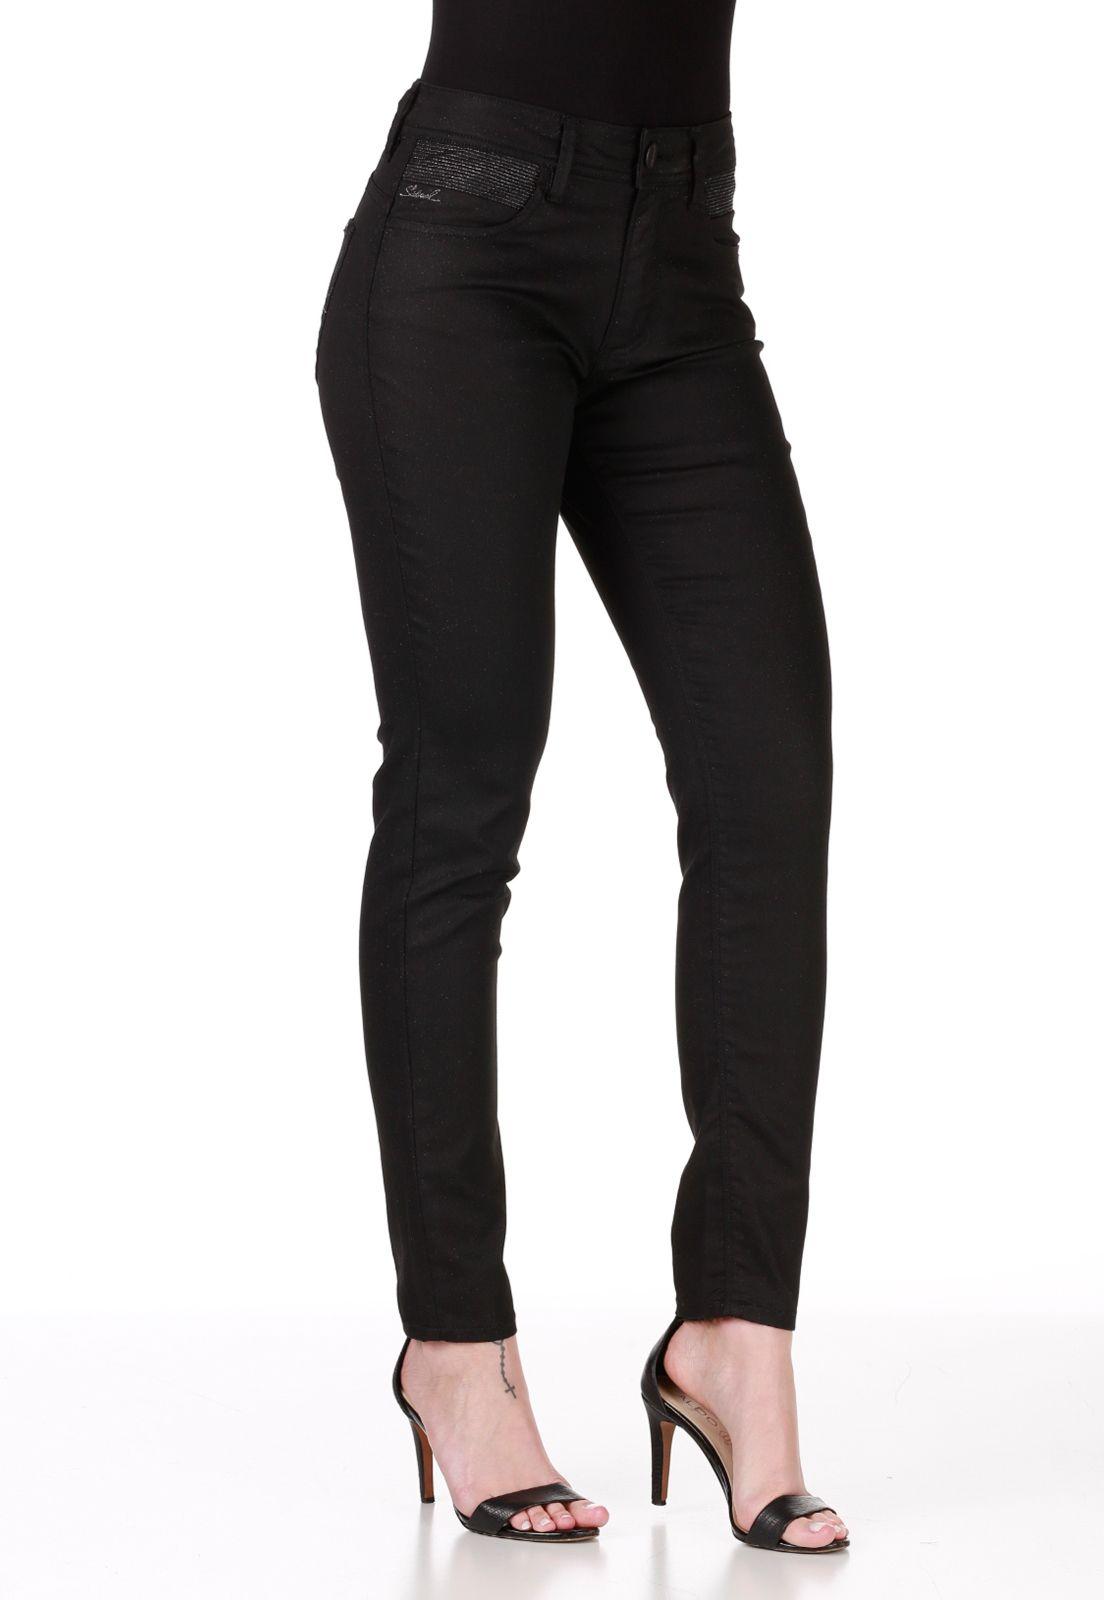 Calça Jeans DAFITI JOY Rasgada Preta